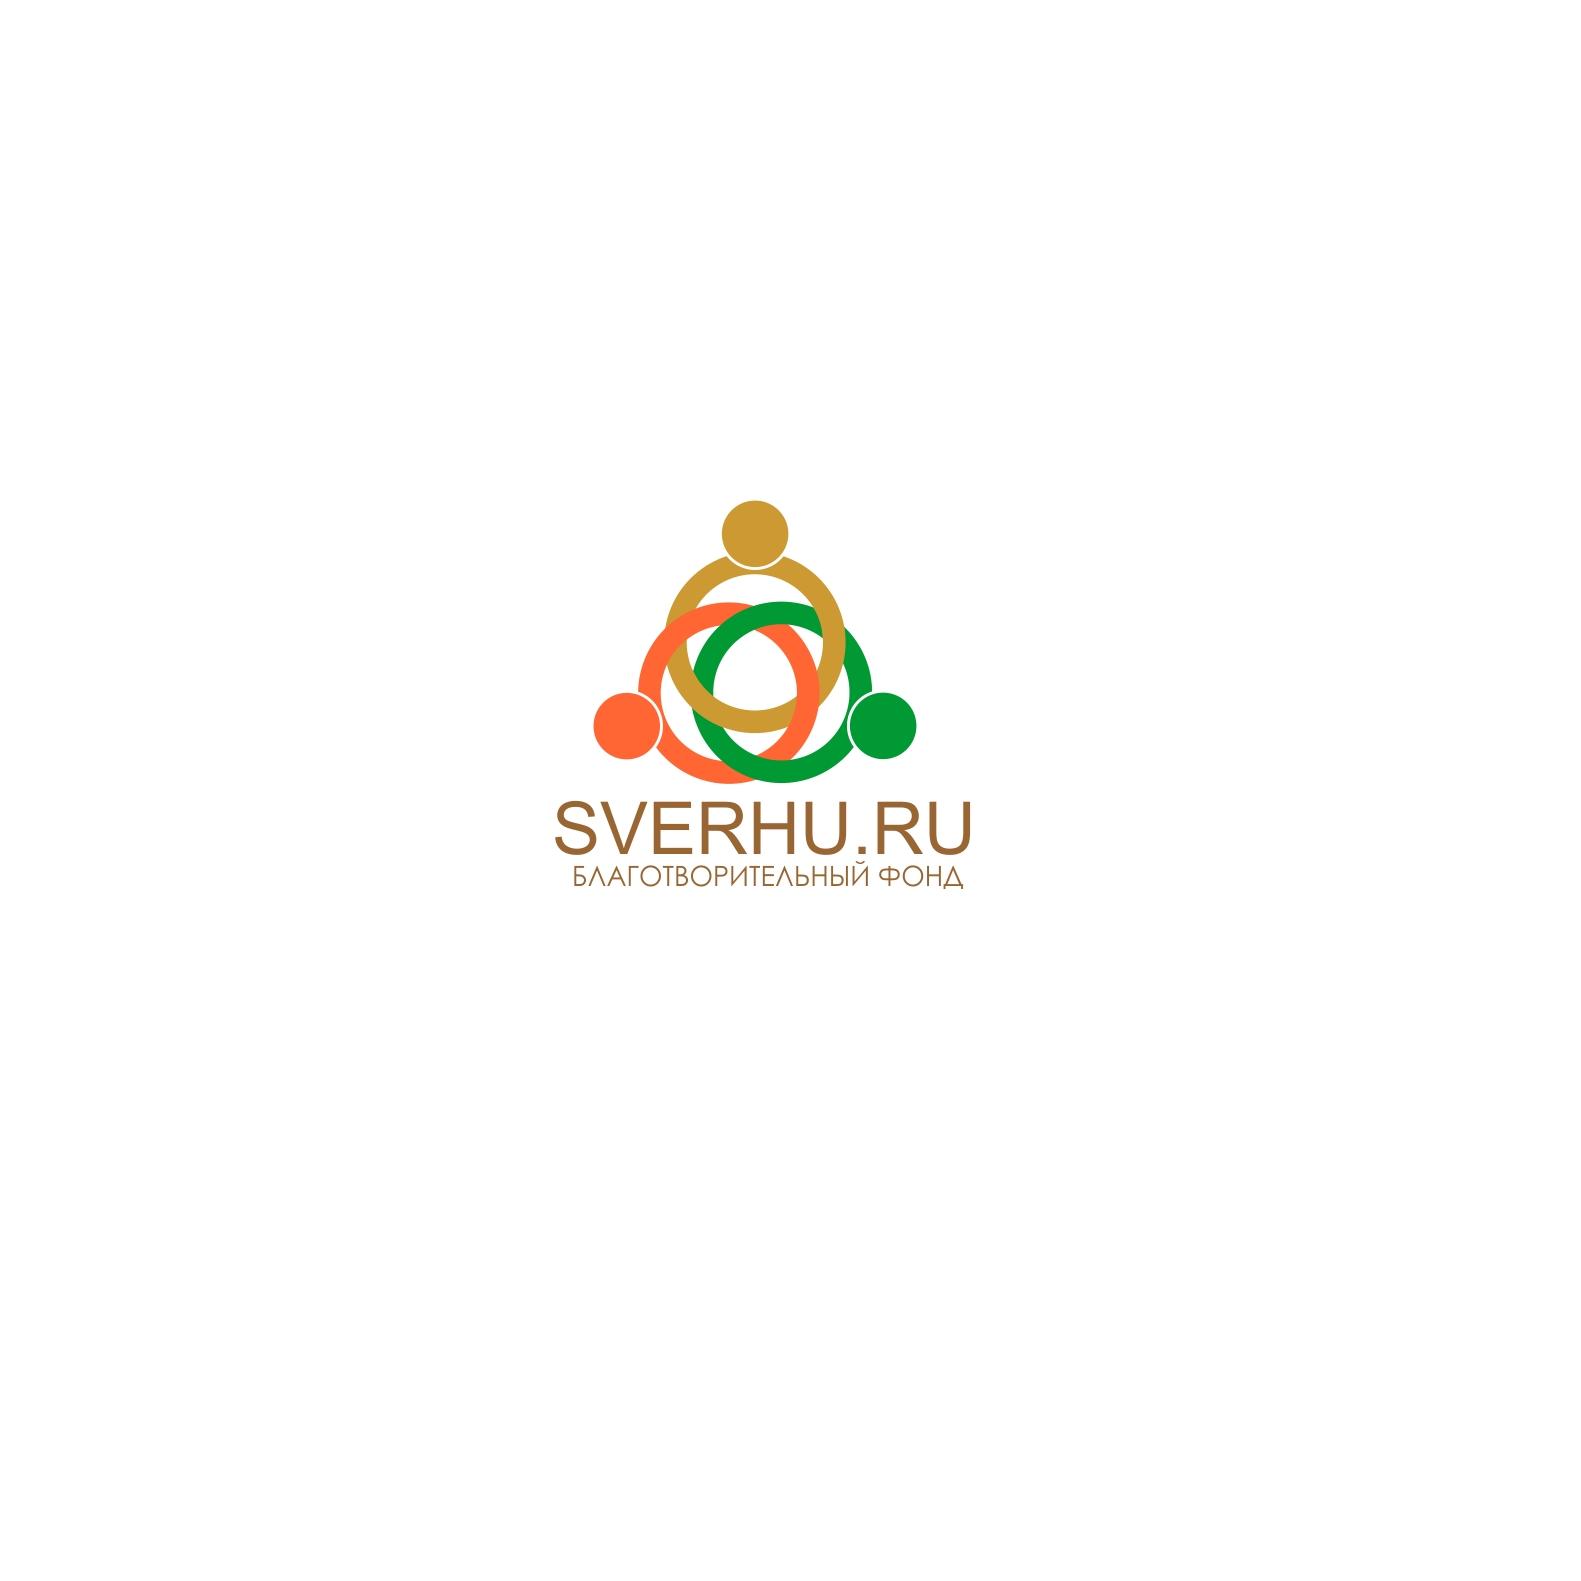 логотип  фото f_85955cc564737dc0.jpg